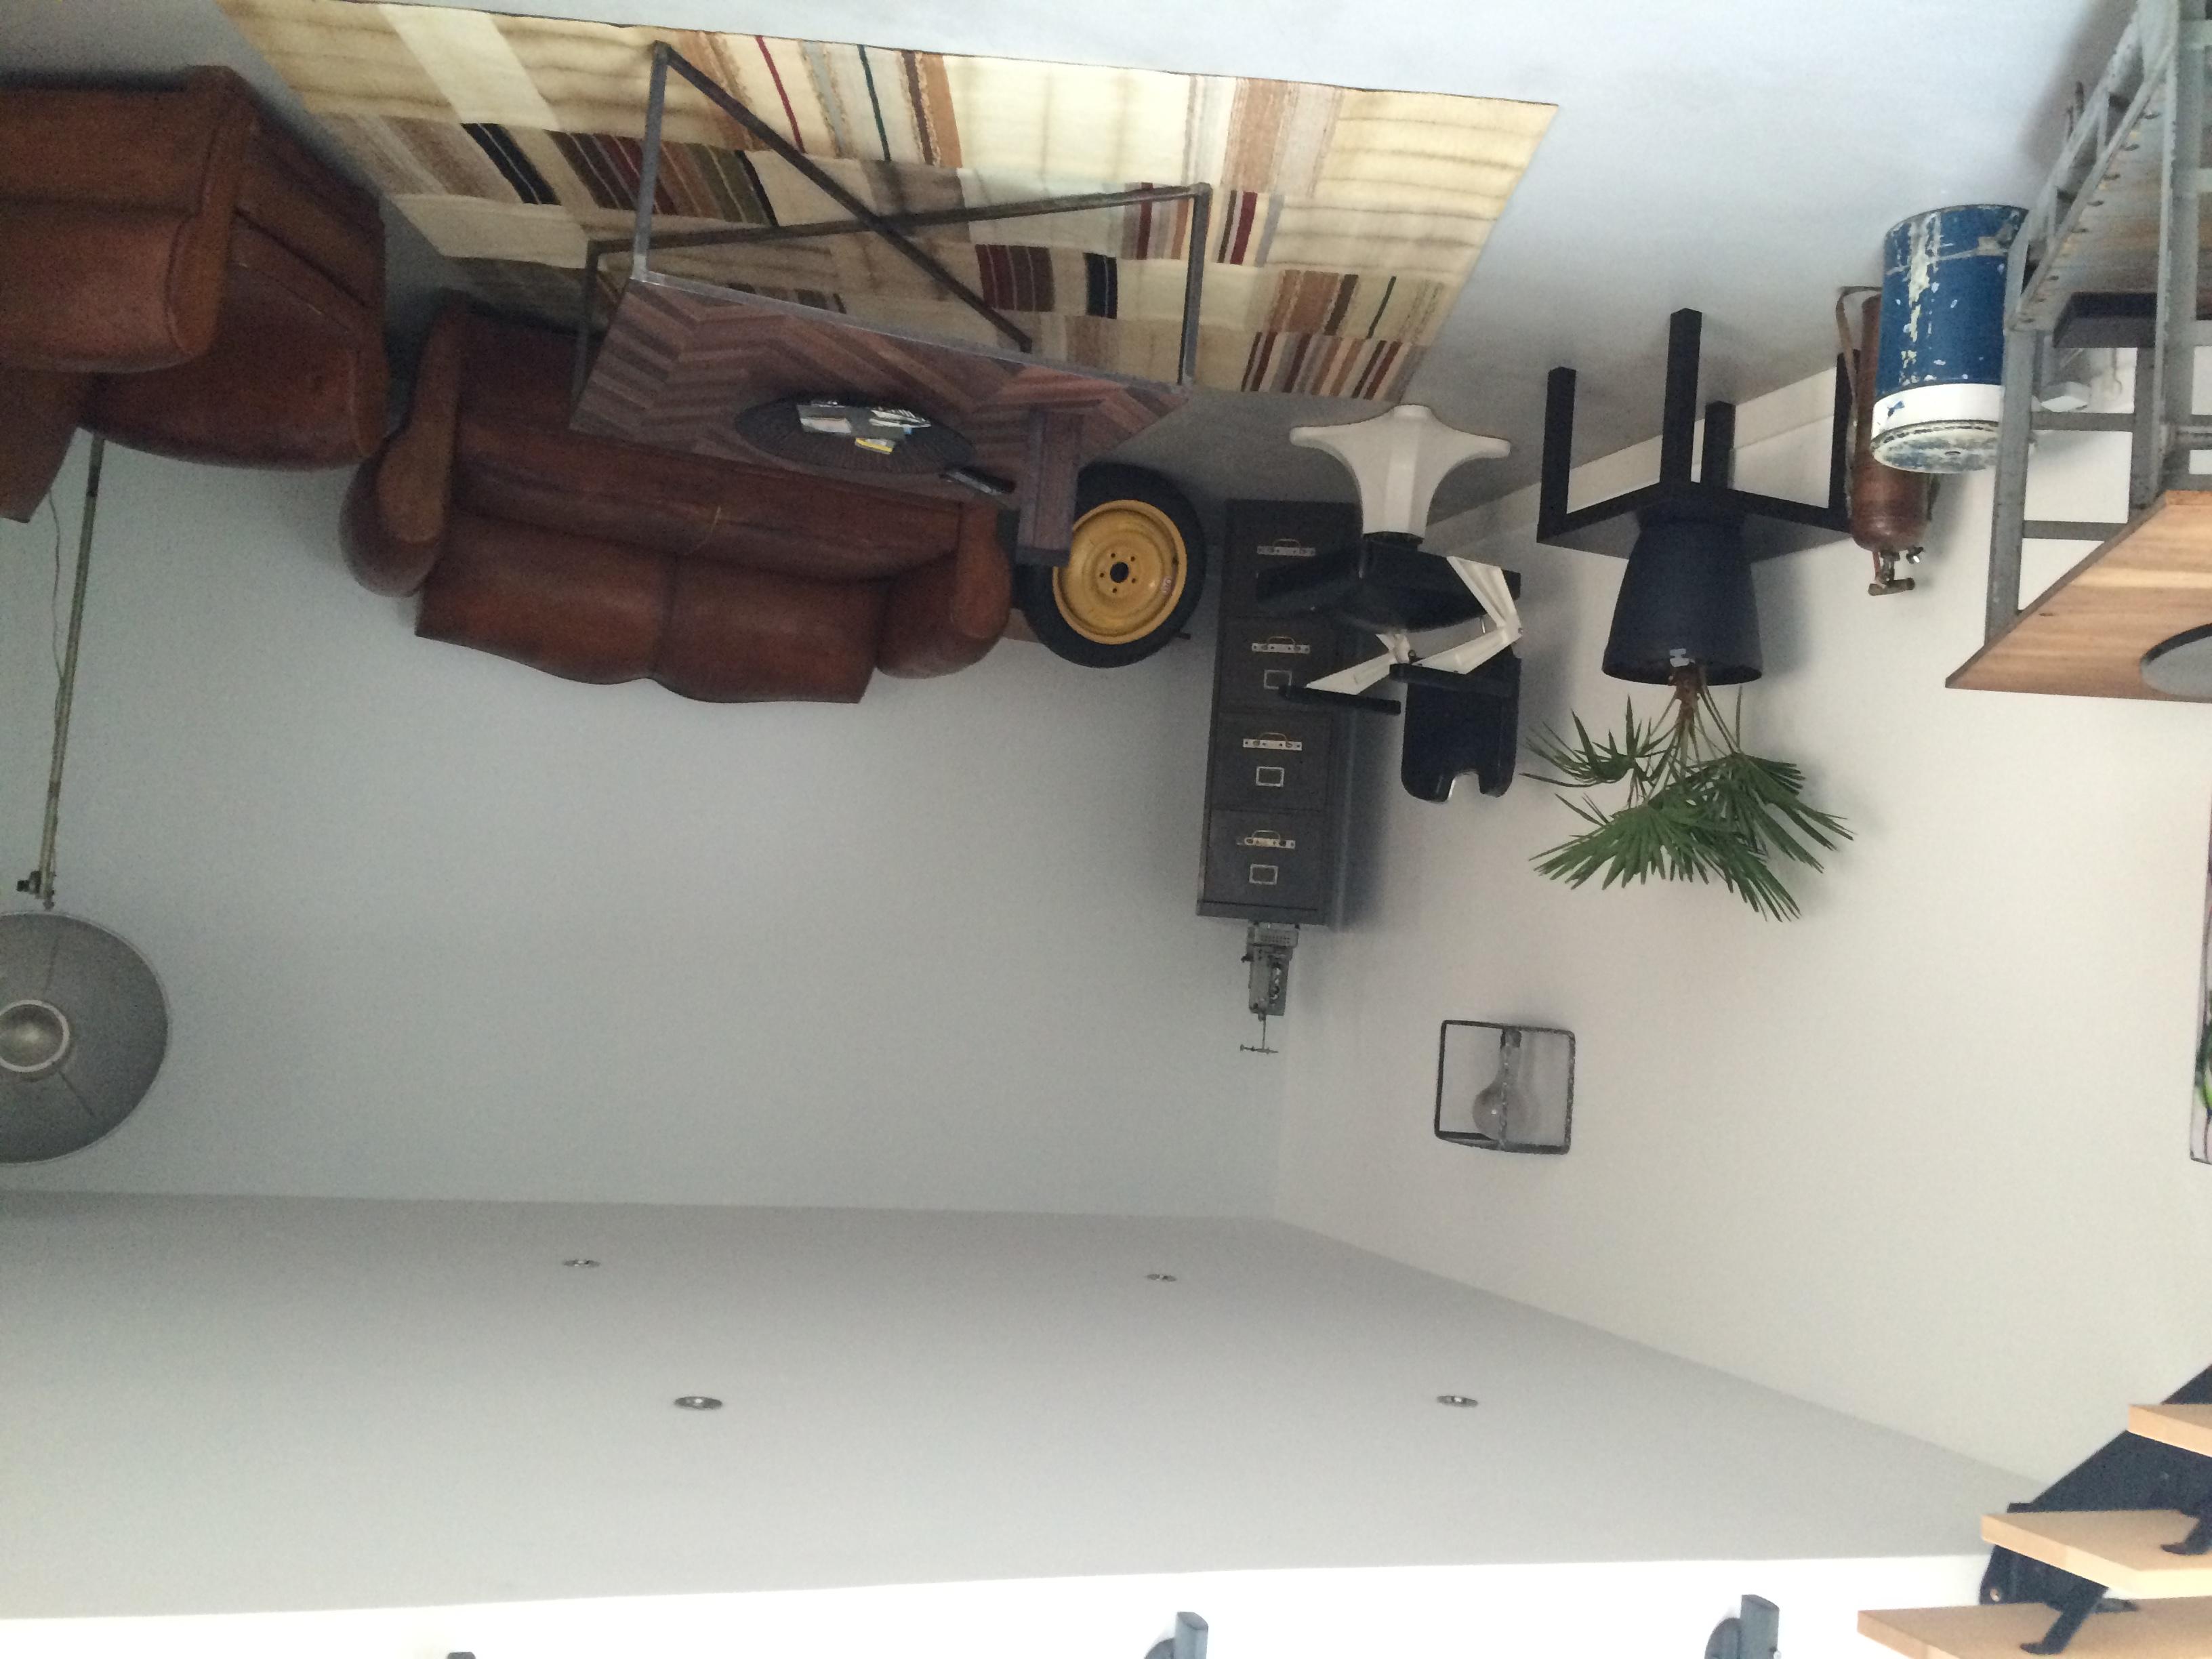 Salon d'origine, avant passage de la décoratrice d'intérieur